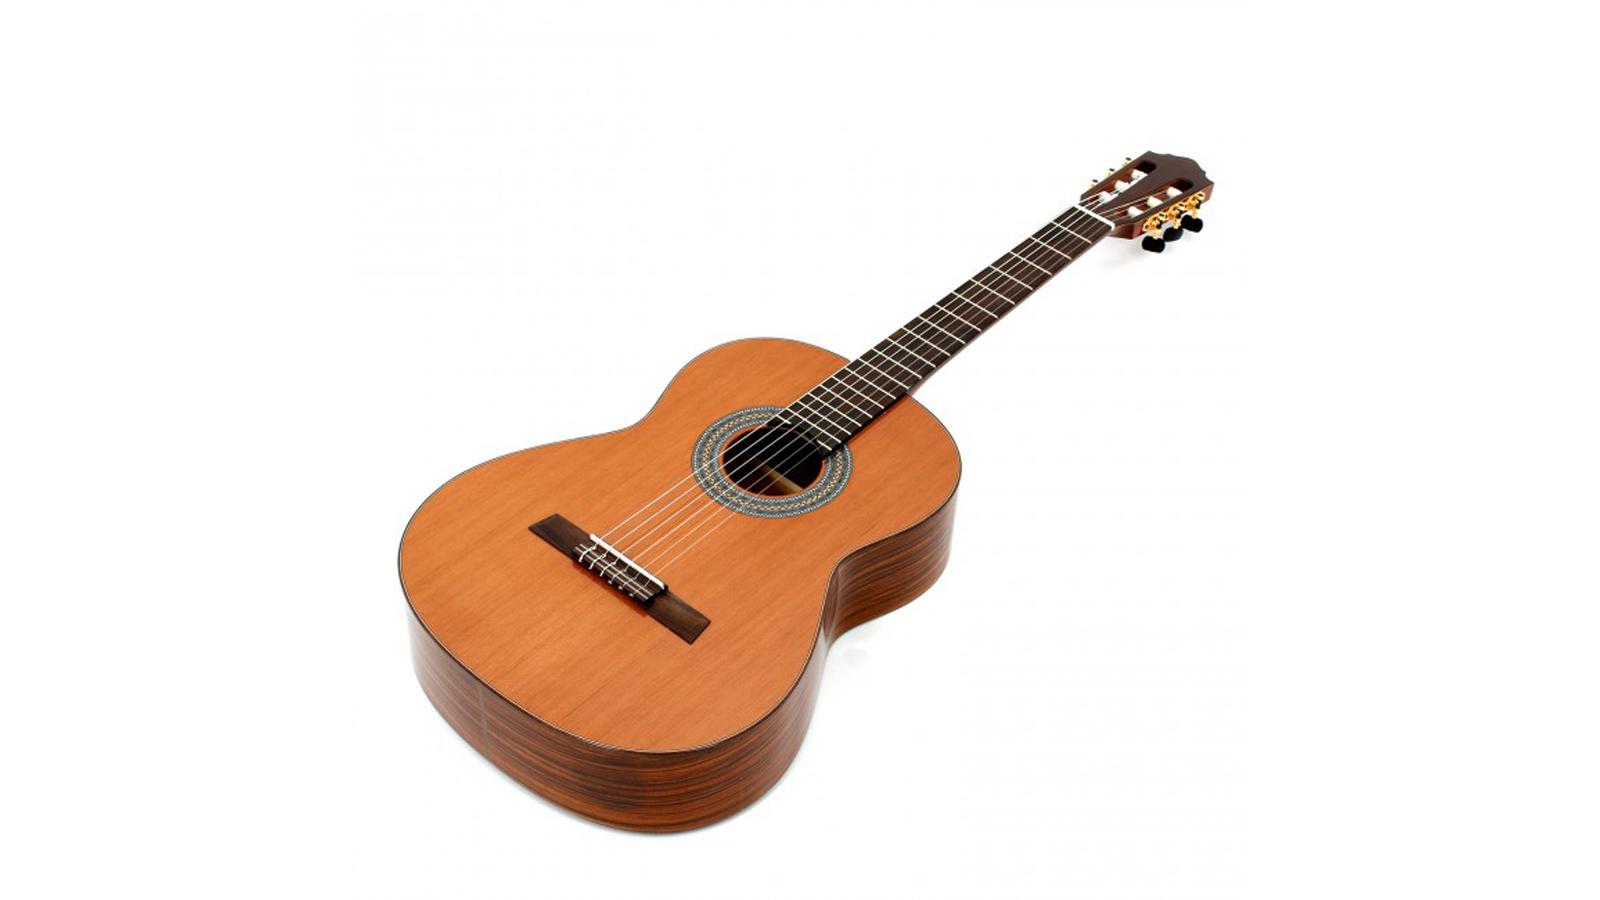 Höfner HZ27 Klassikgitarre